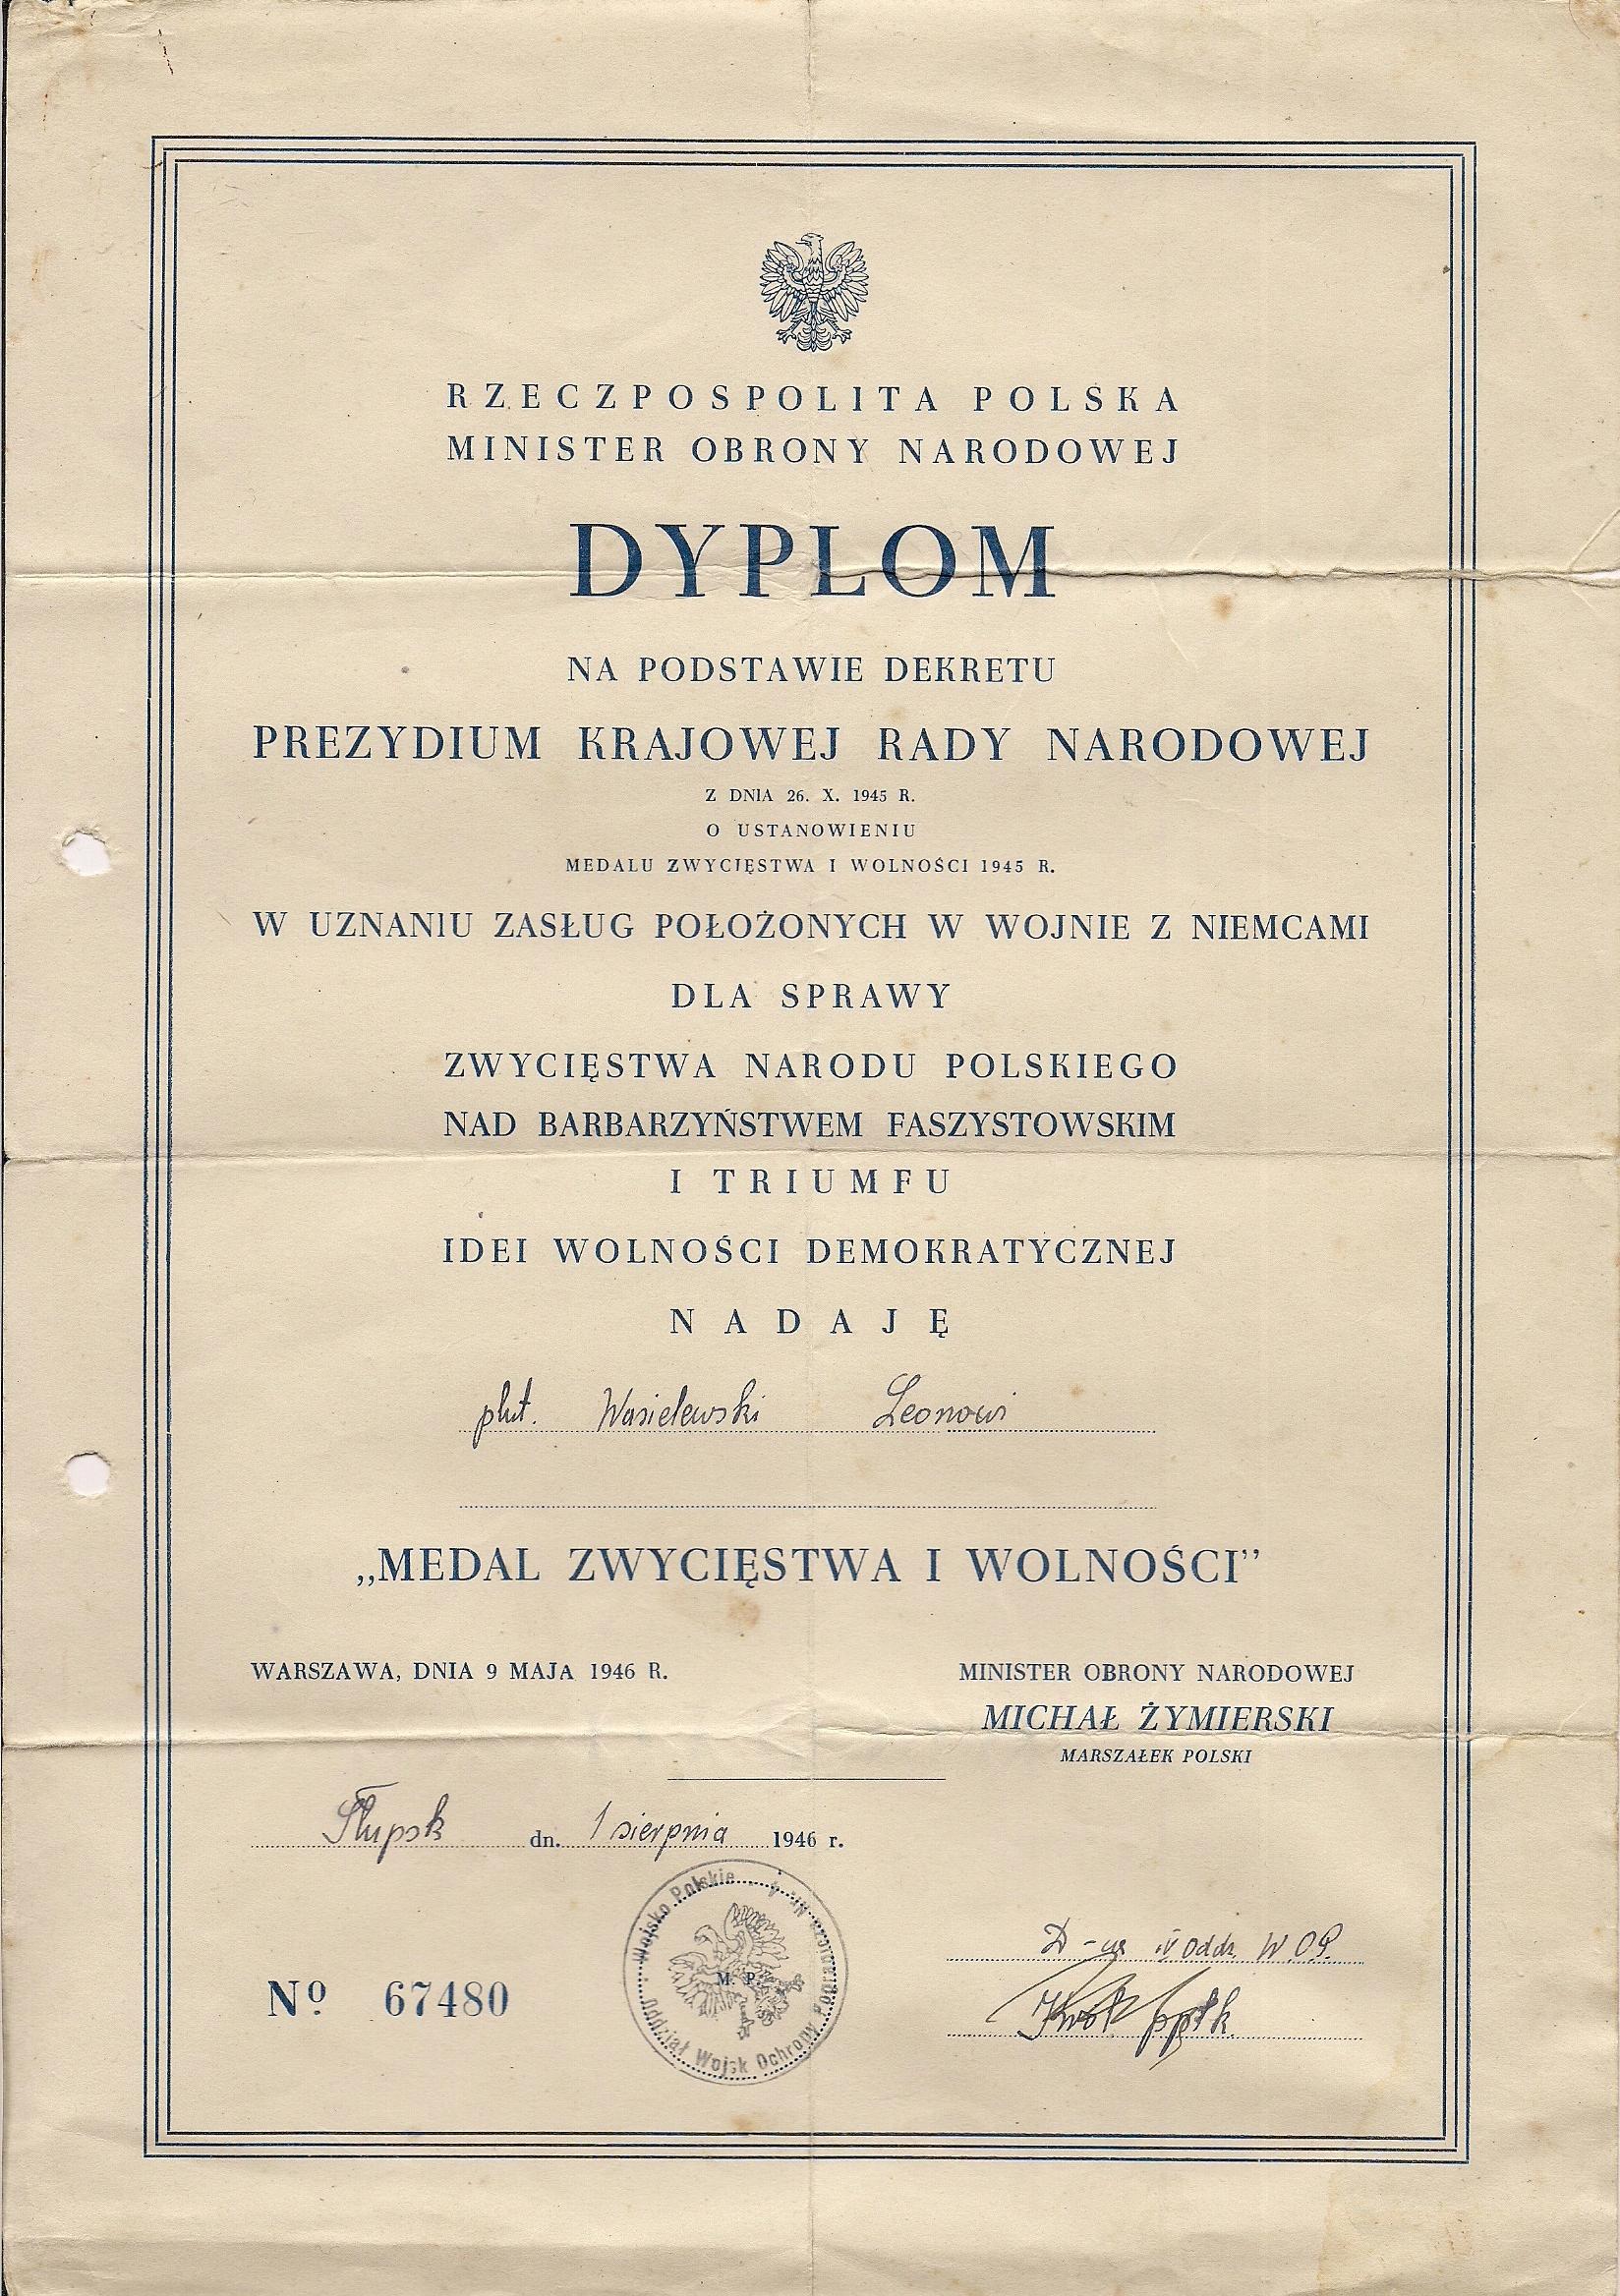 Dyplom do med. zwyc. i woln. z 1946r z piecz. WOP